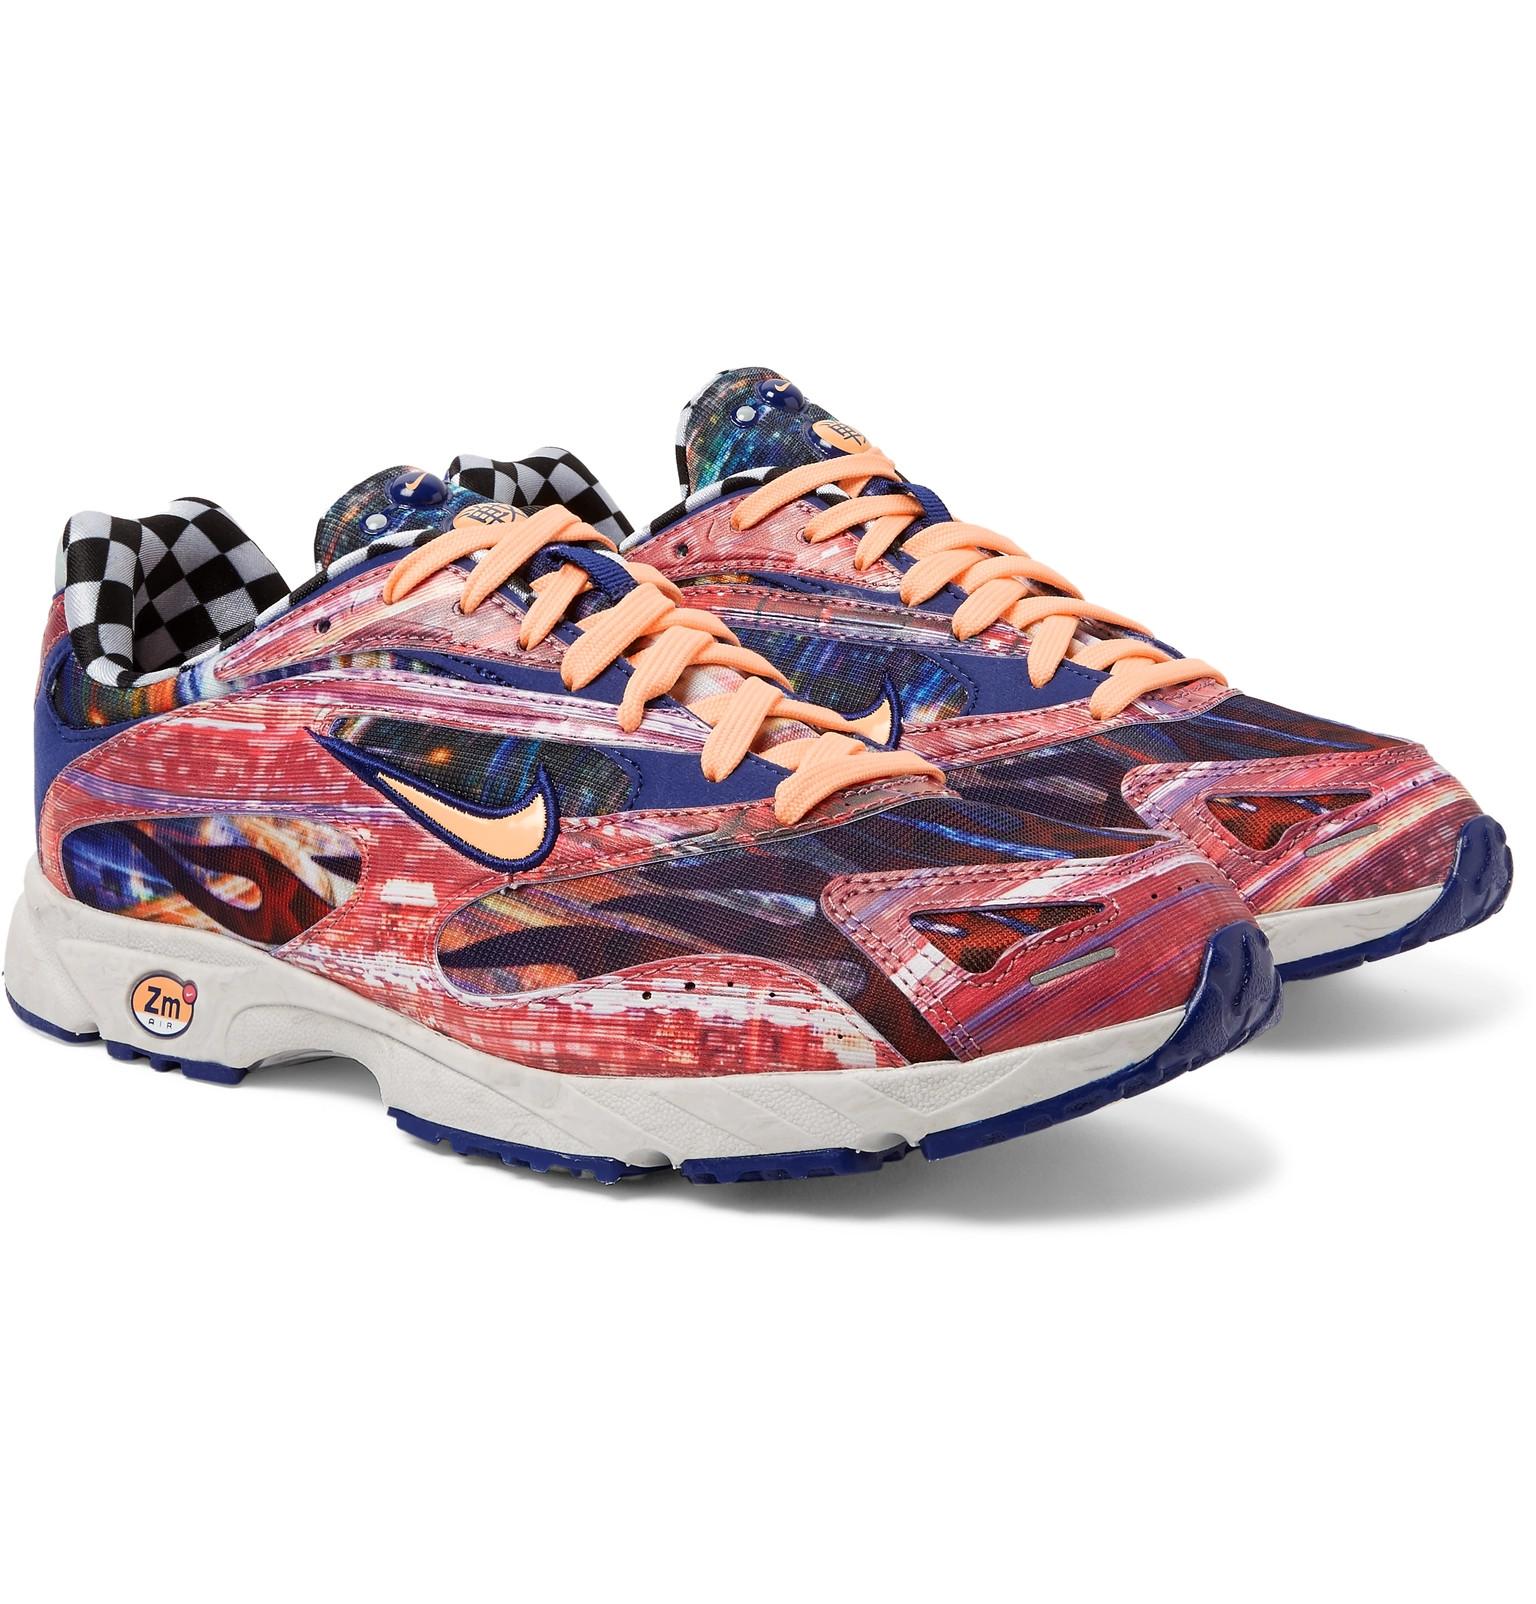 5c03e2230d94 Nike - Zoom Streak Spectrum Plus Premium Sneakers